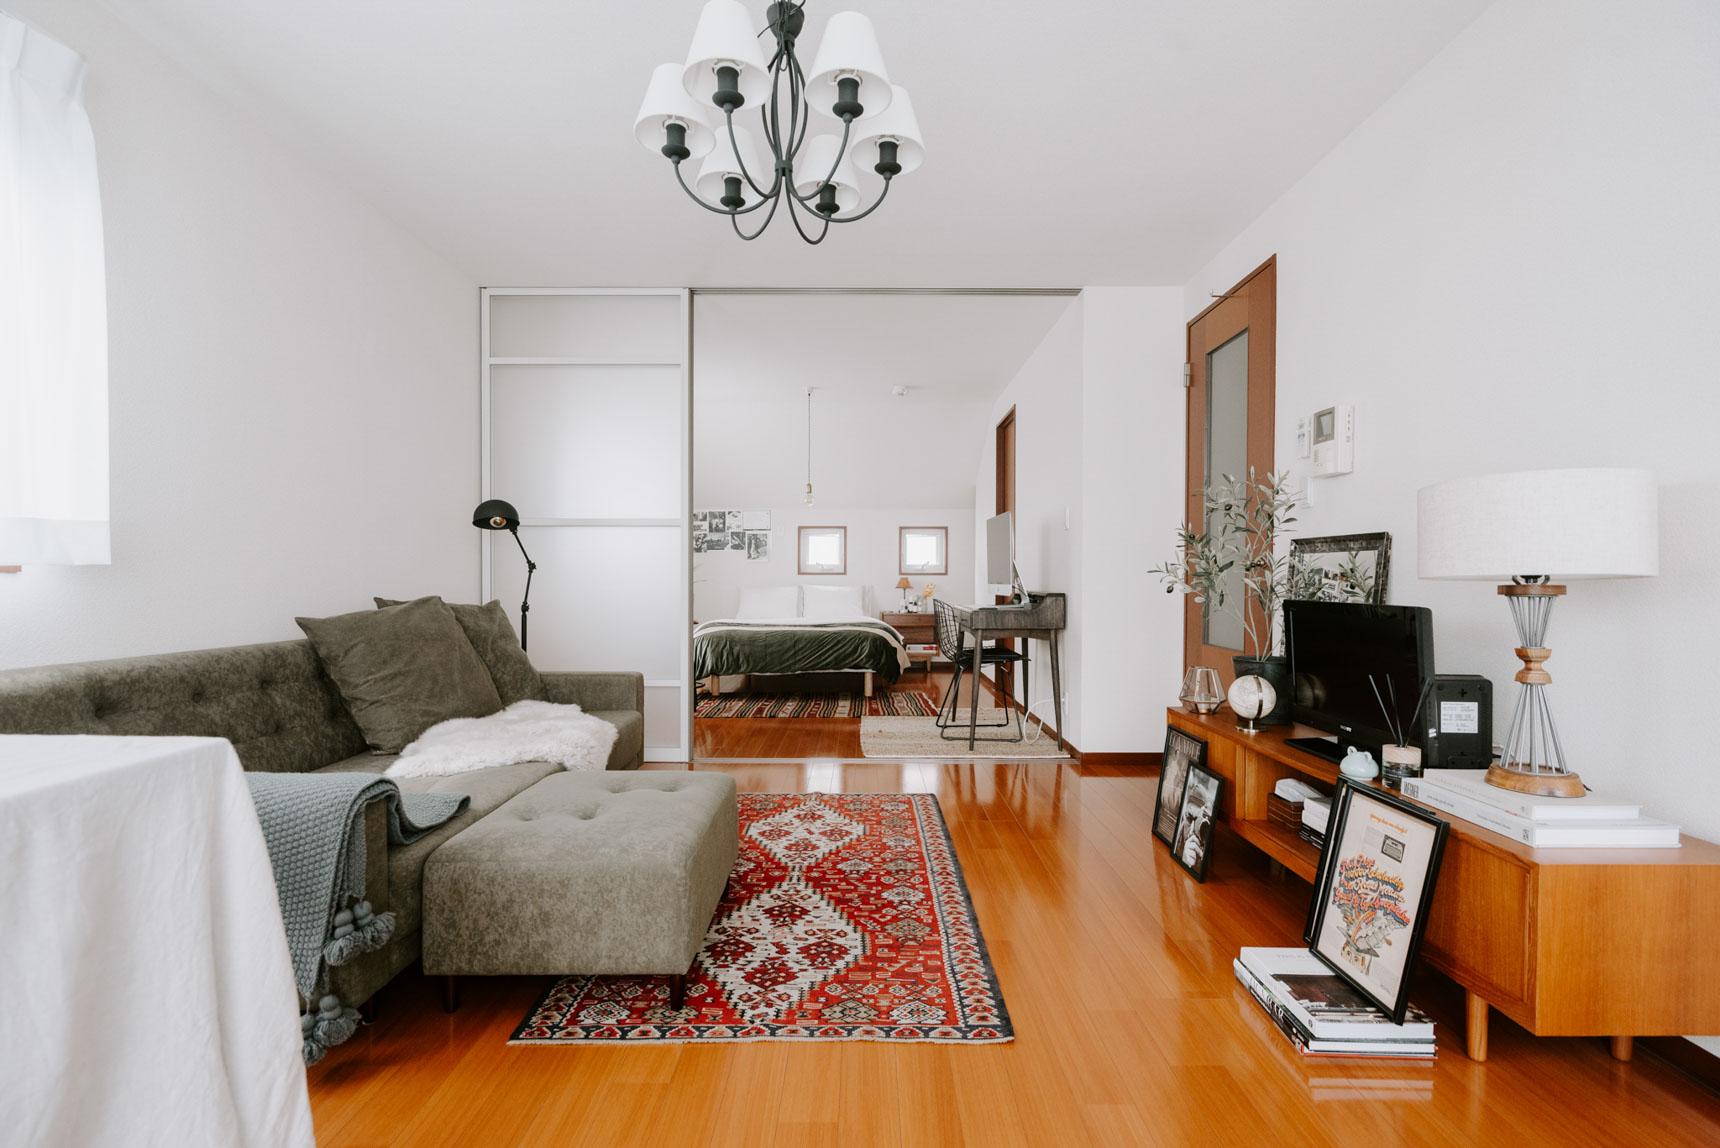 お二人暮らしを始めたばかりというお部屋は、パートナーがミニマリストなこともあって物が少なく、とても広い印象です